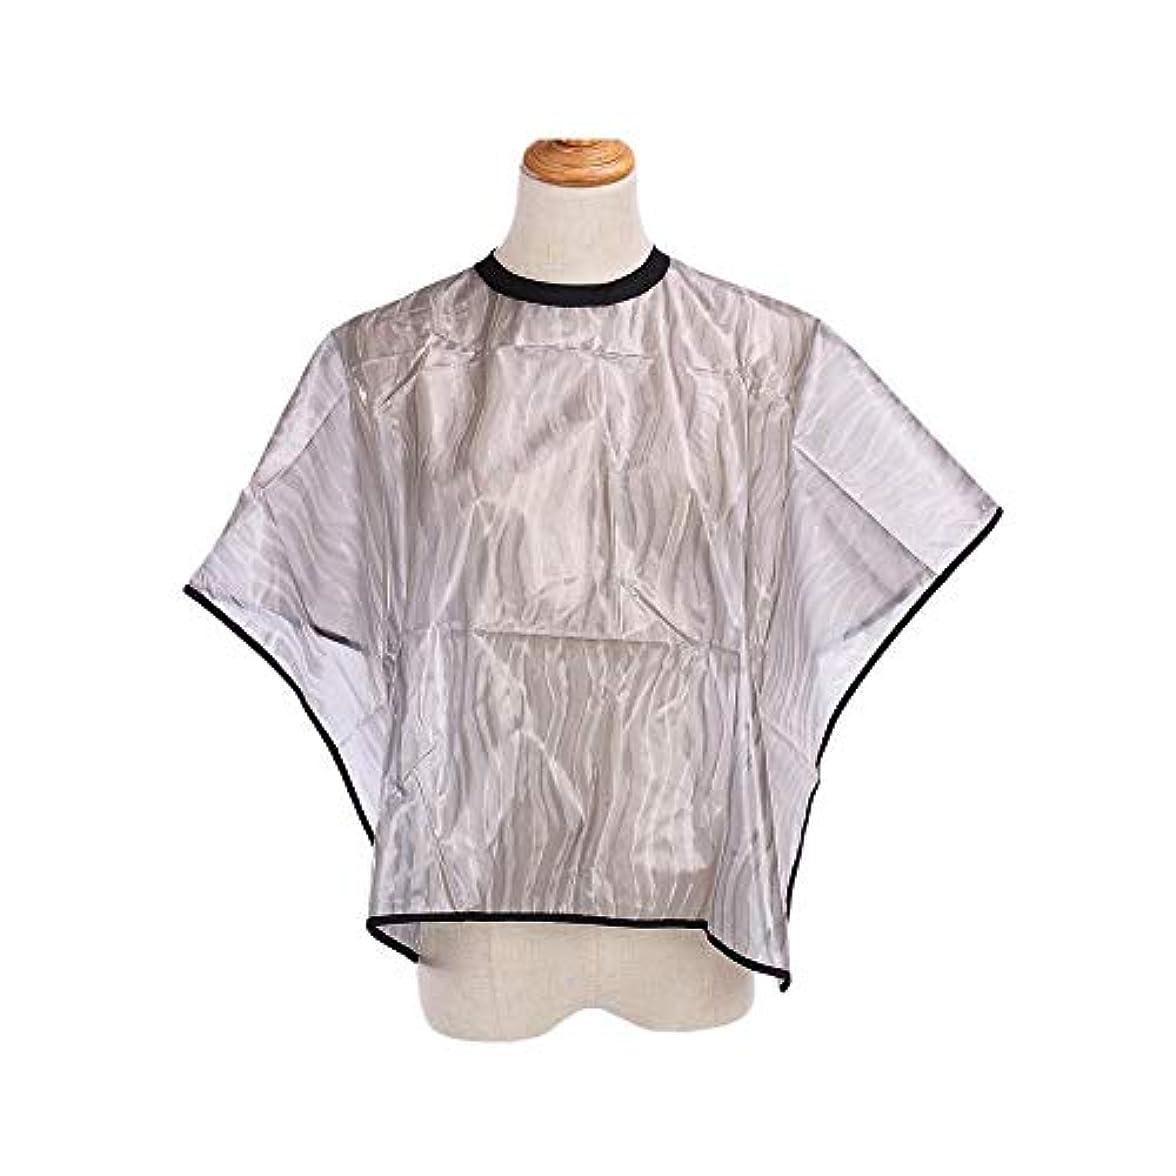 勝つニッケル予防接種するLucy Day 理容岬美容院の磁気切断襟防水ガウン